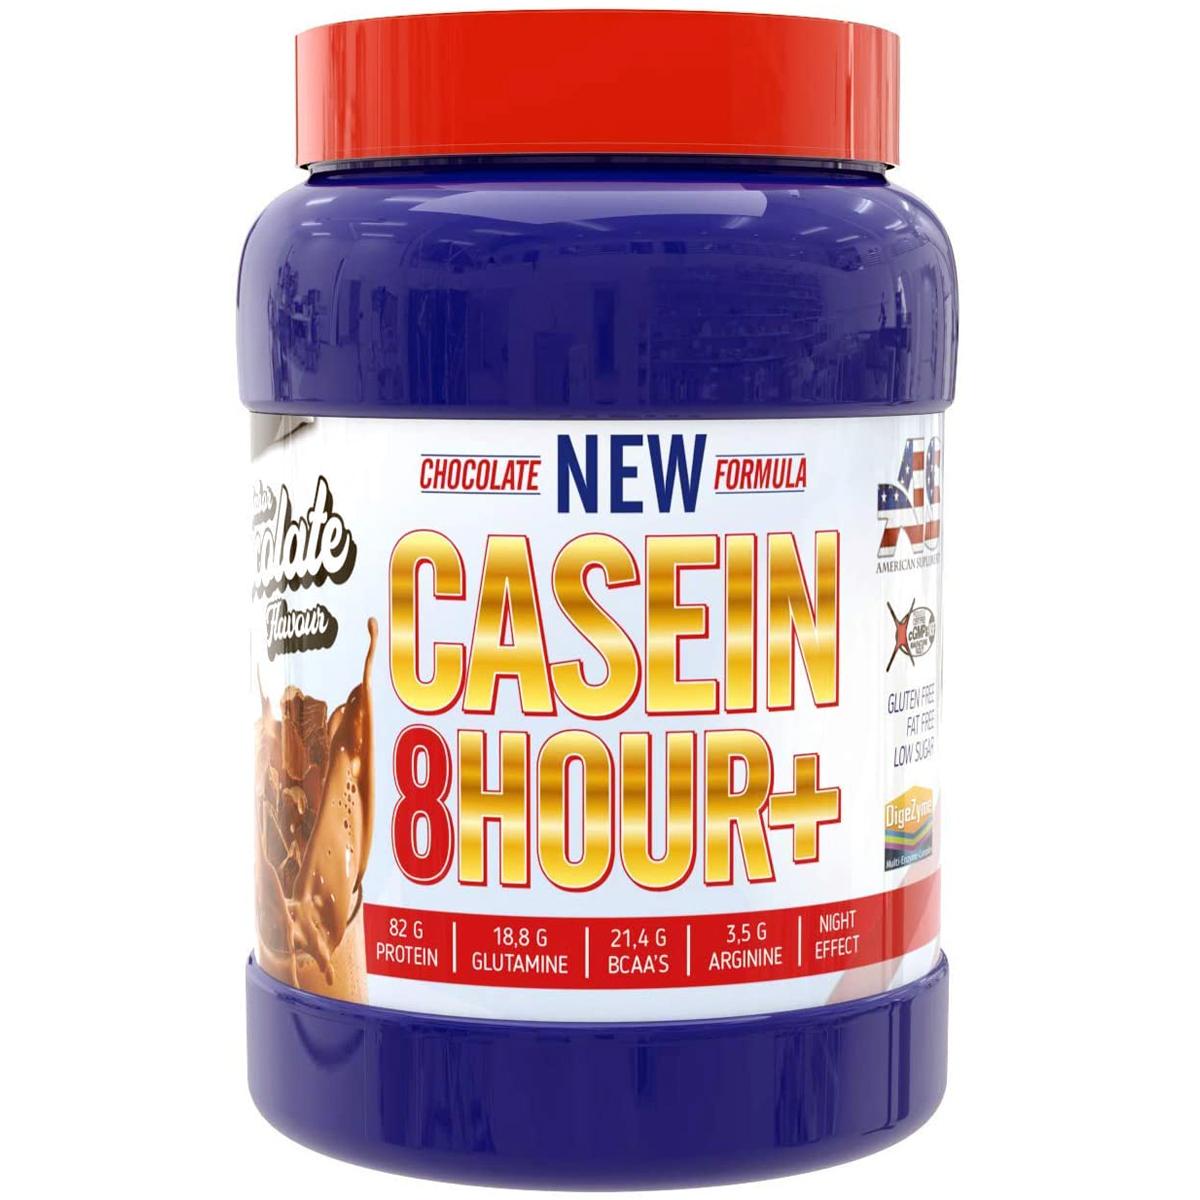 Caseina American Suplement Casein 8 Hour+ Digezyme (24,90€).